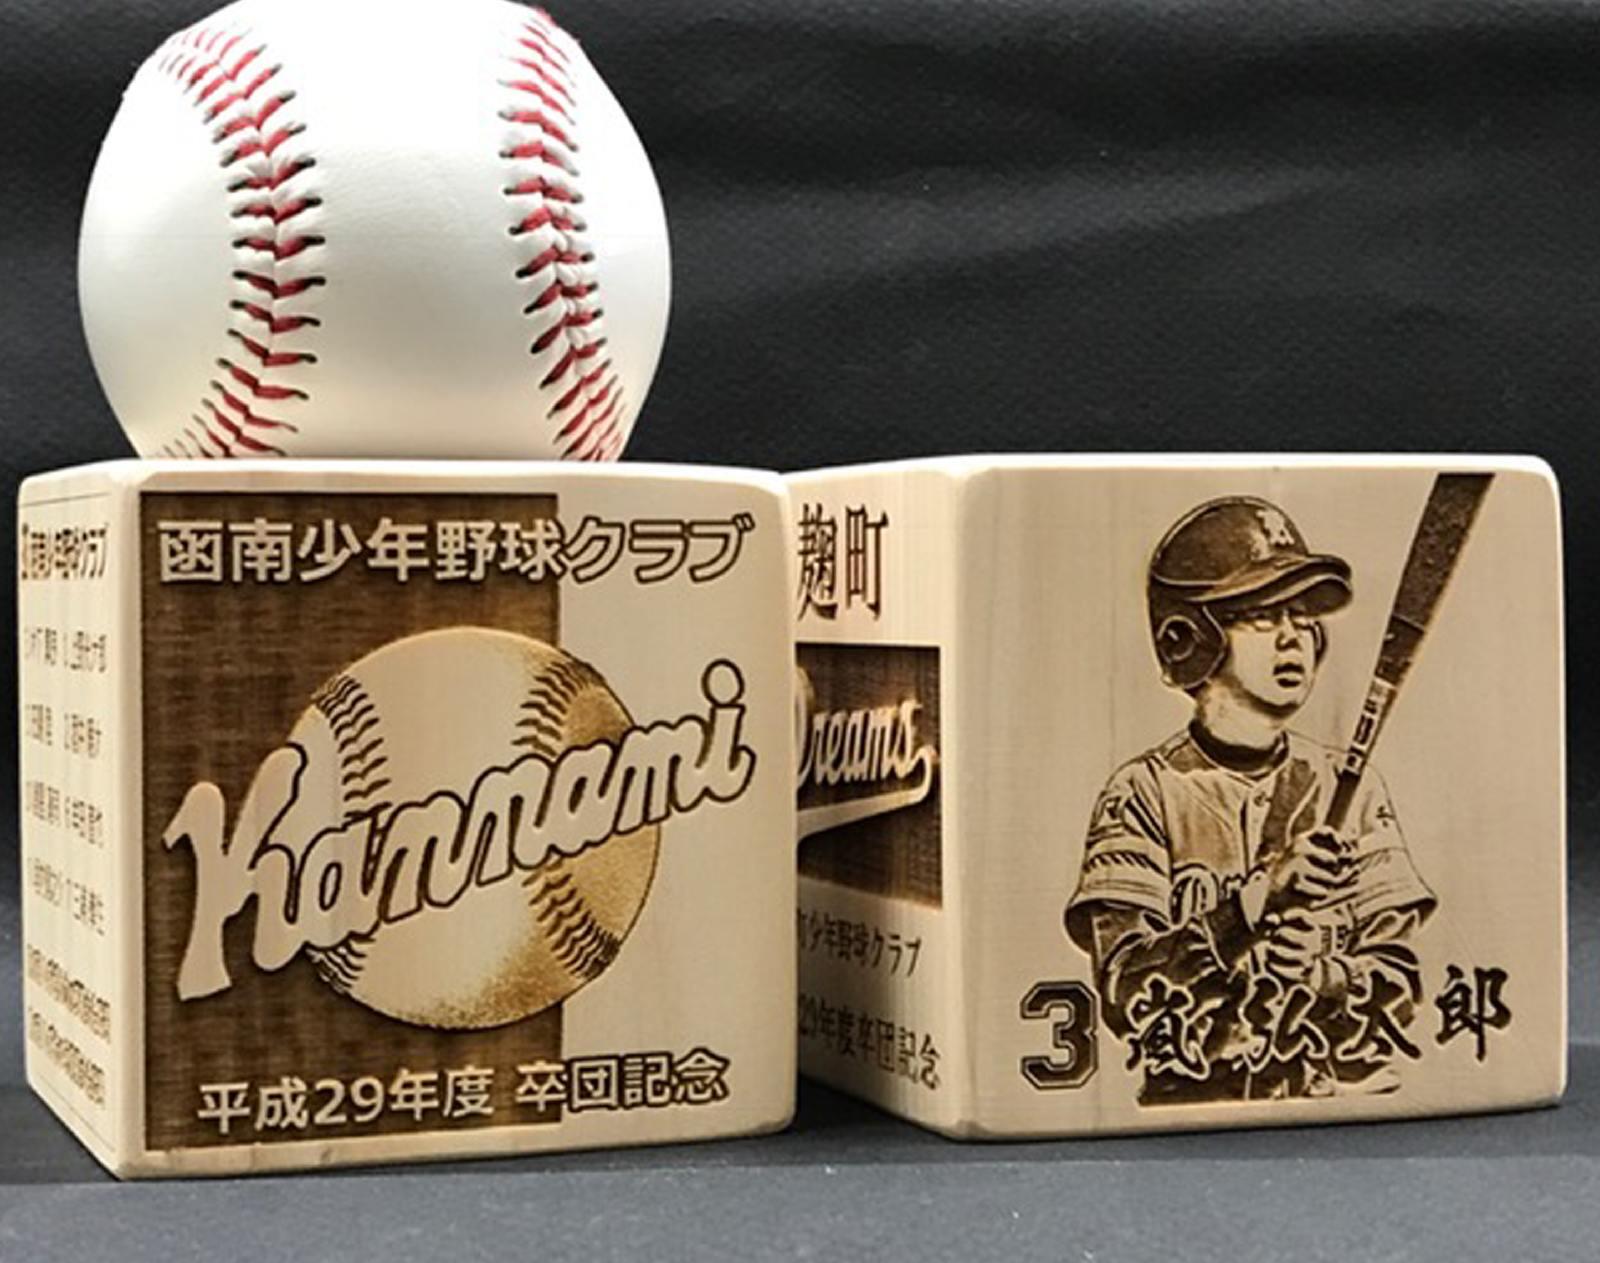 卒業・卒団の野球記念品